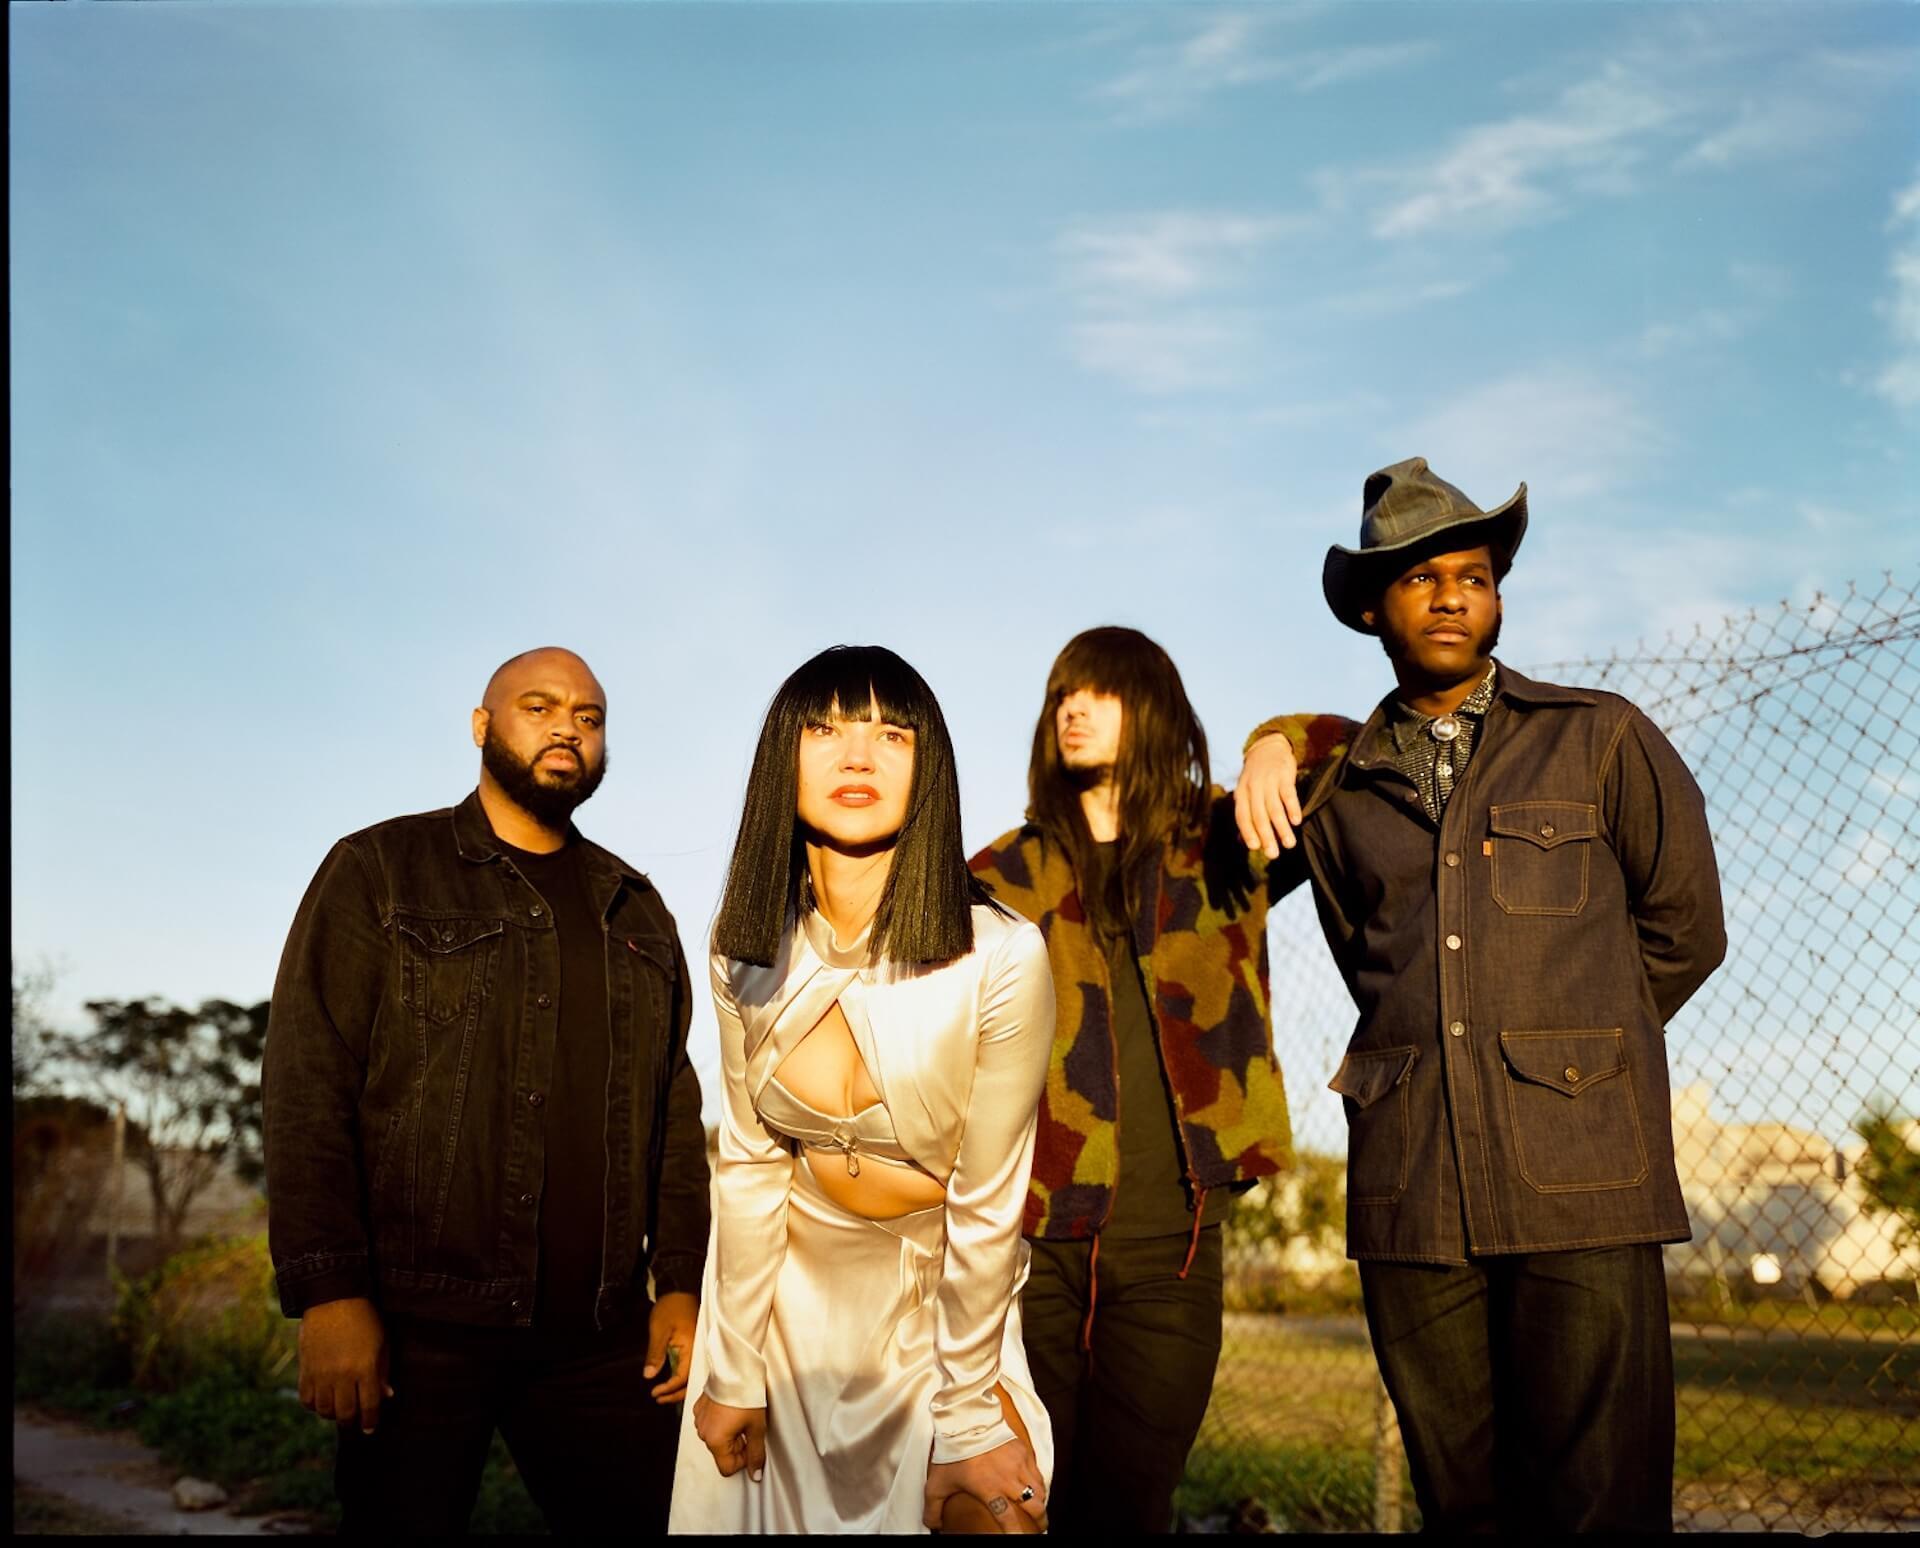 異色のタッグ、クルアンビン&リオン・ブリッジズがコラボEP『Texas Sun』より「C-Side」を公開 music200116_khruangbin_leonbridges_1